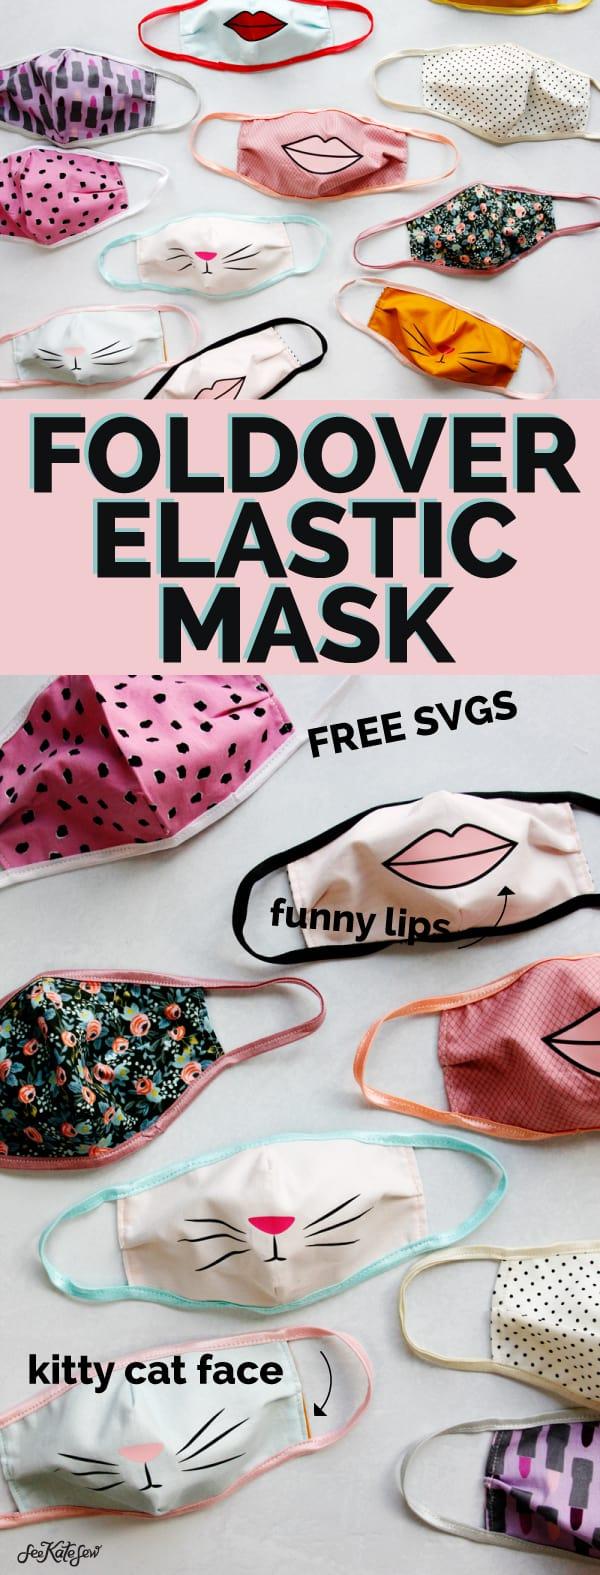 Easy Homemade Face Mask DIY